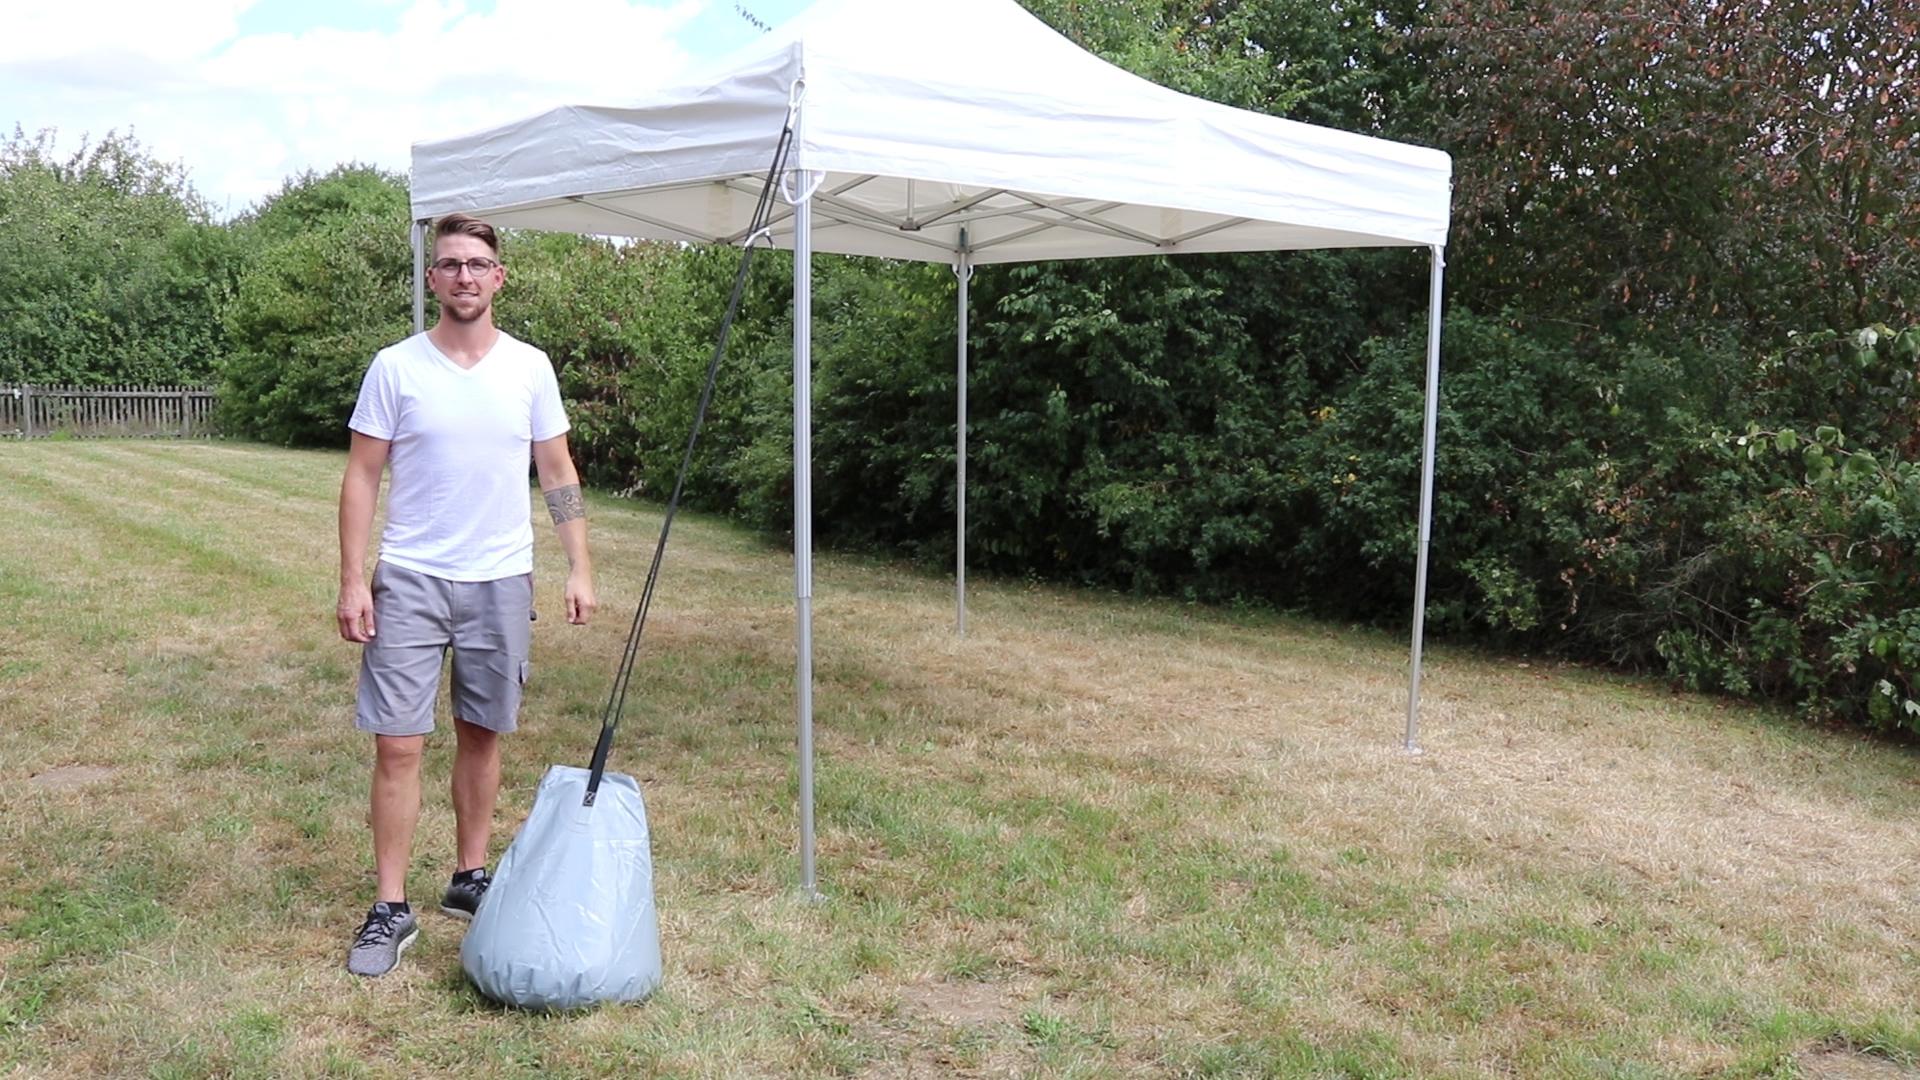 Zelt mit Wassersack abgespannt